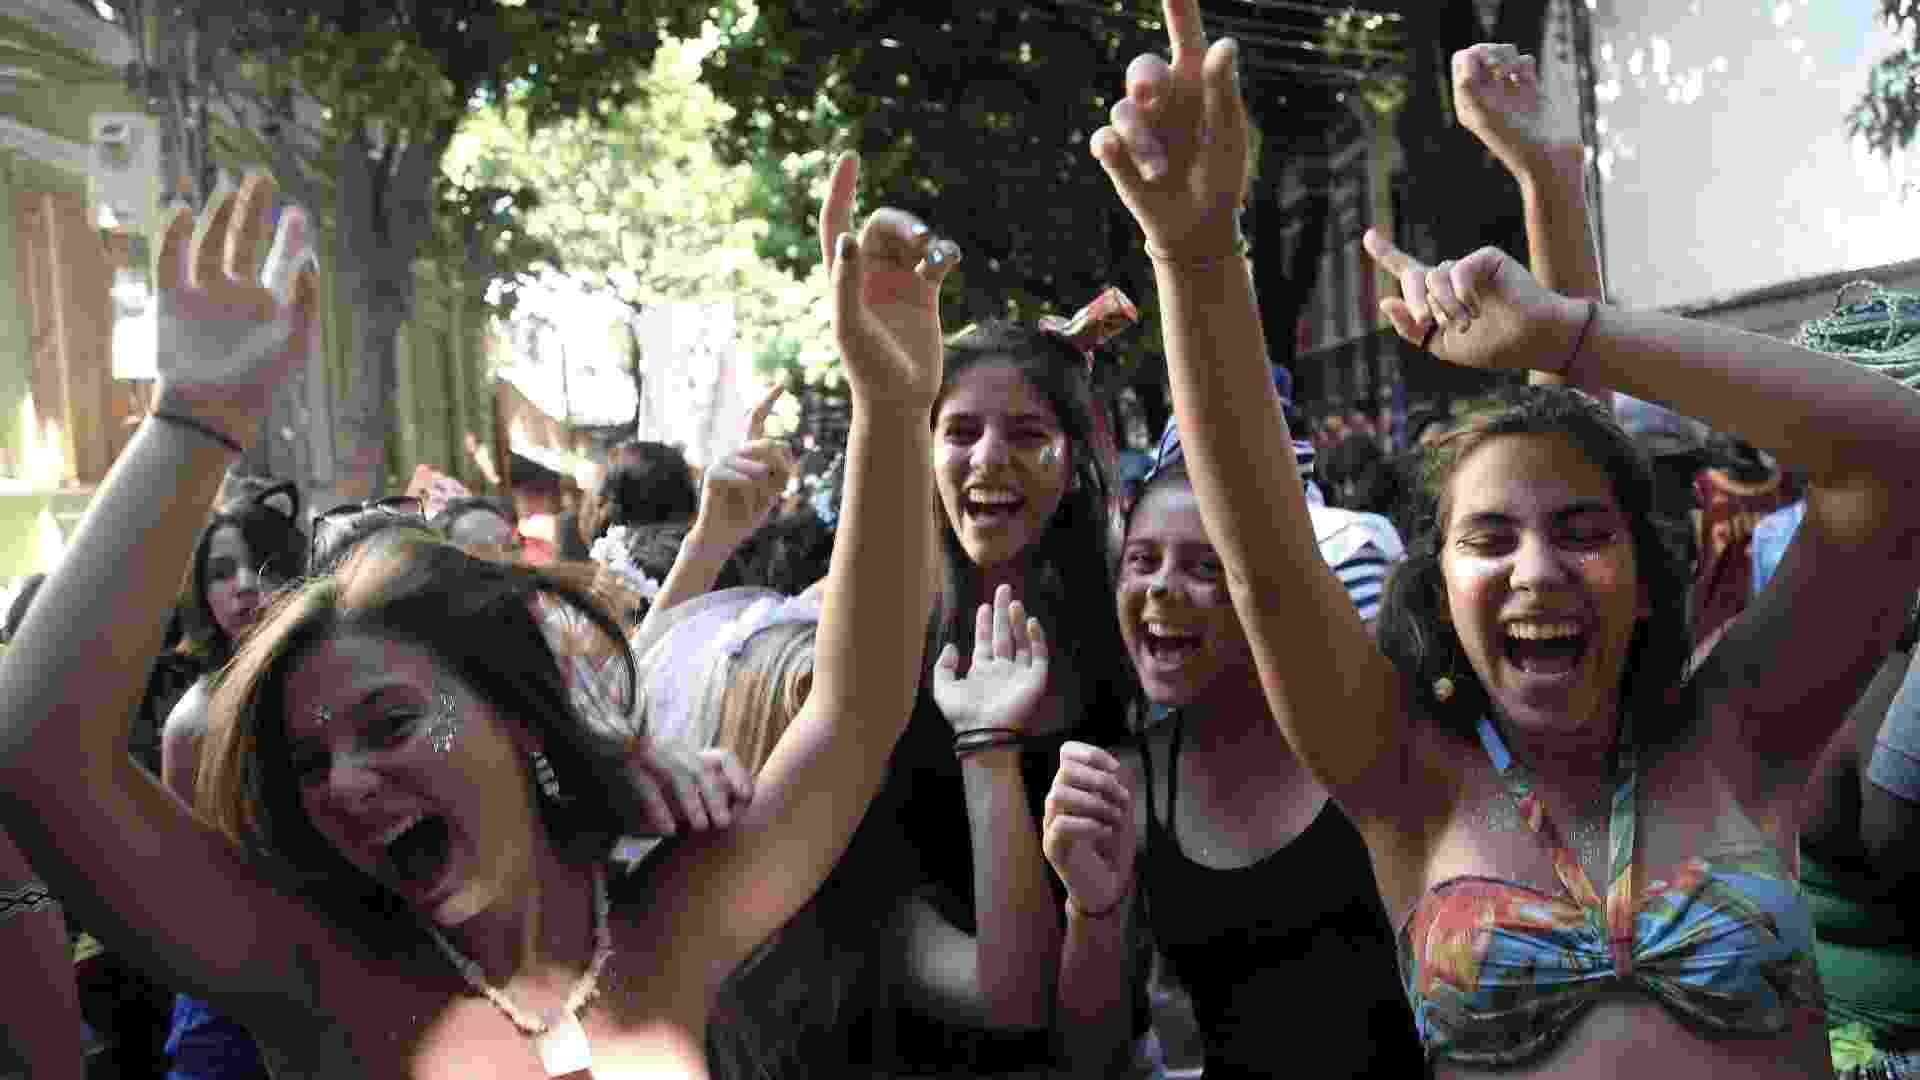 18.fev.2017 - Desfile do bloco Xupa Mas Não Baba em Laranjeiras, na Zona Sul do Rio. Os adolescentes eram maioria - Julio Cesar Guimarães/UOL